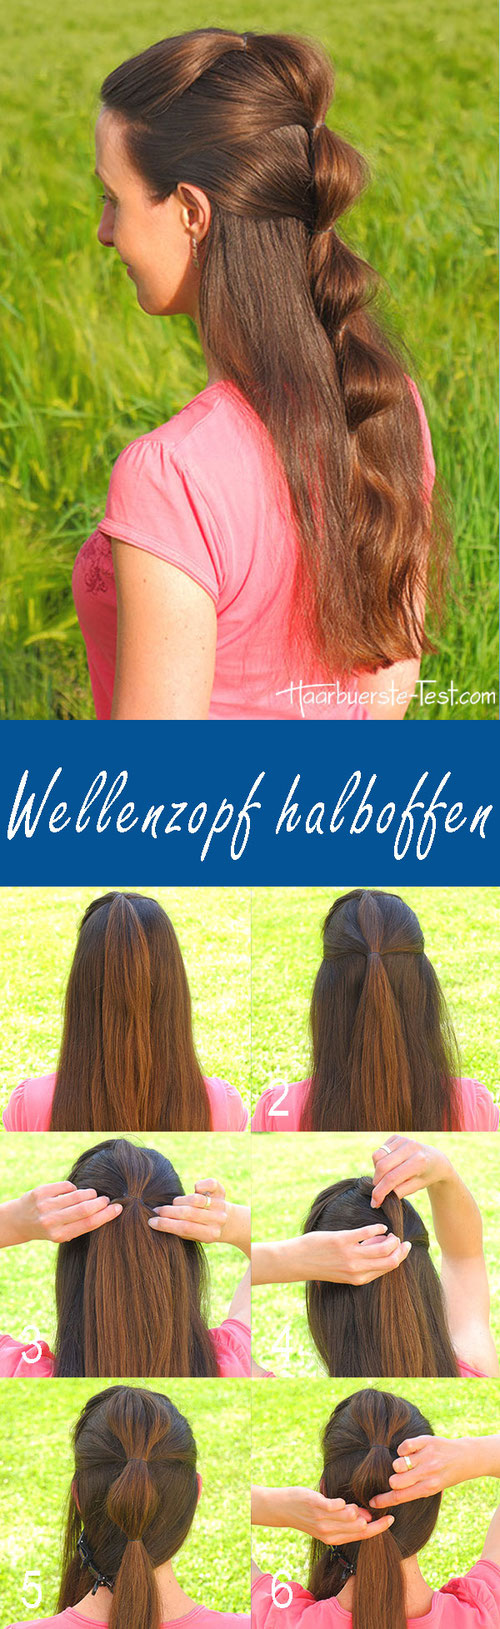 Wellenzopf Anleitung, einfache Frisur für lange Haare, schnelle Frisur für lange Haare